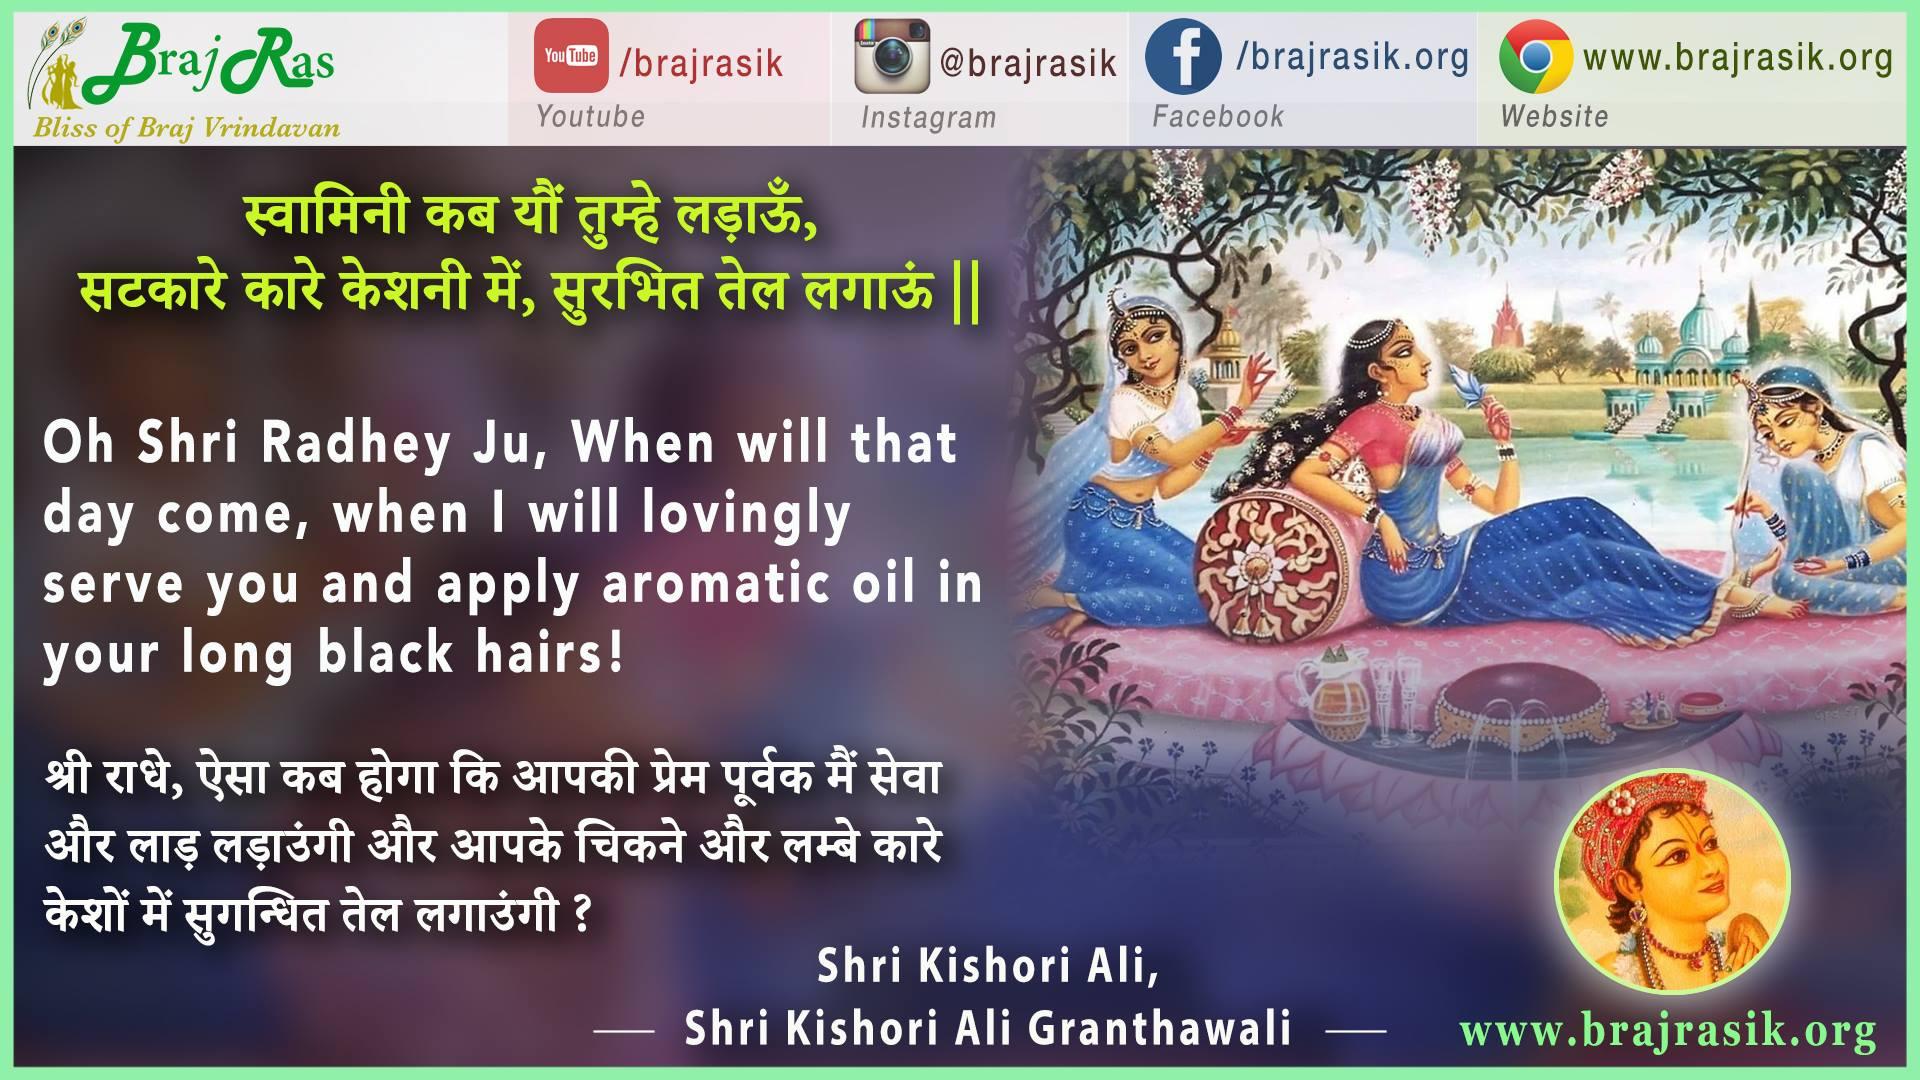 Swamini Kab Yon Tumhe Ladaun - Shri Kishori Ali, Shri Kishori Ali Granthwali